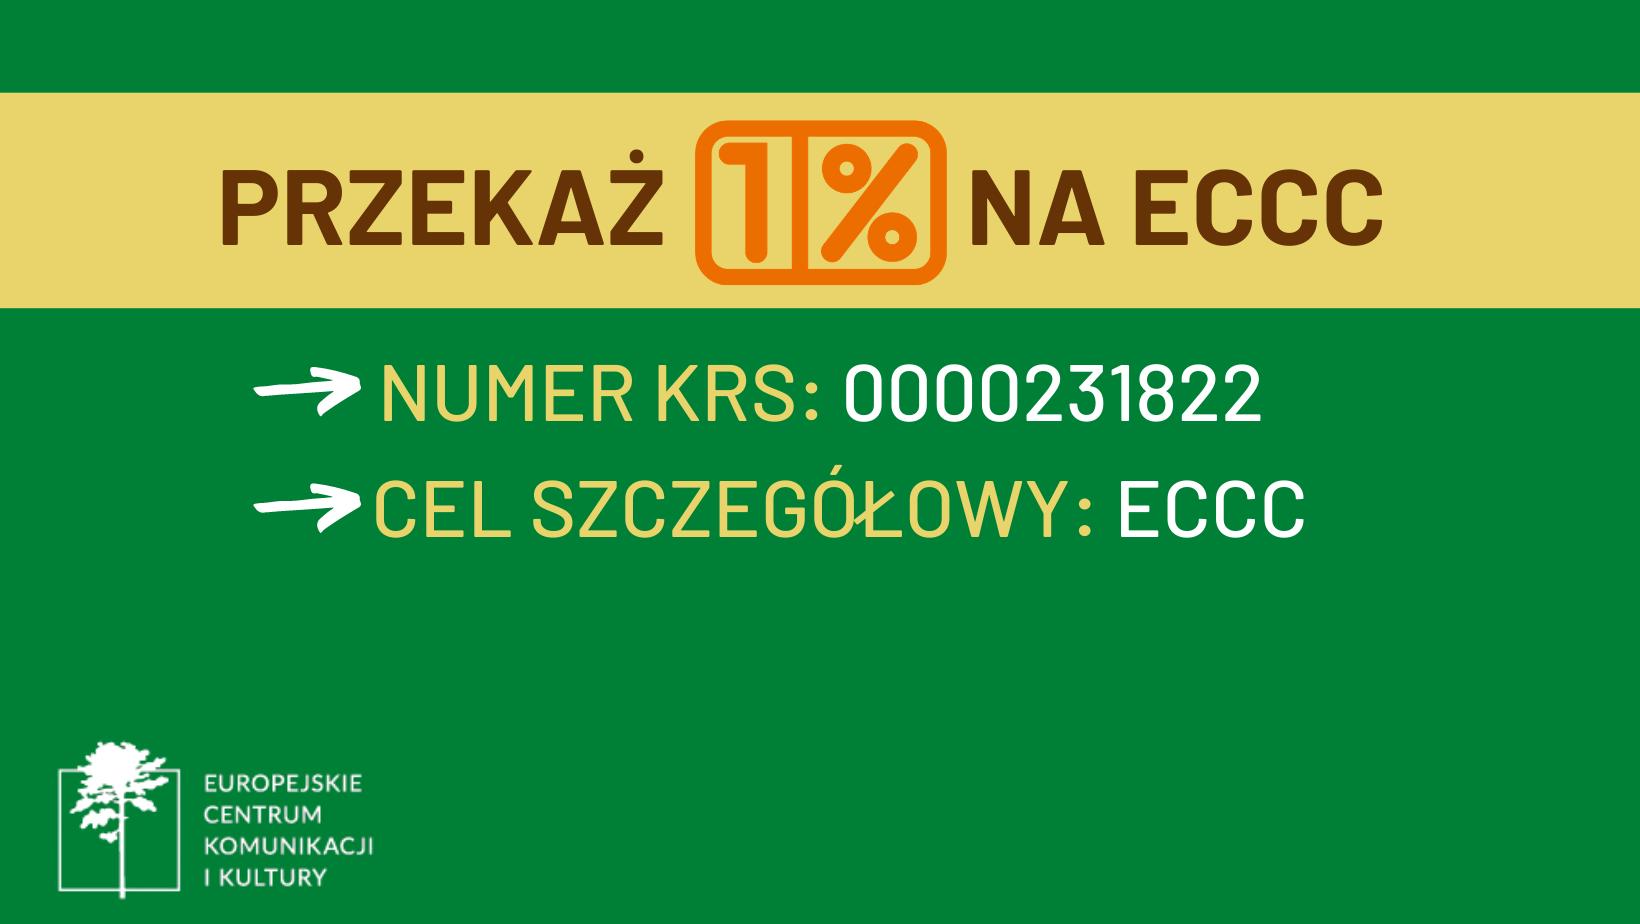 Przeka_na_ECCC_1